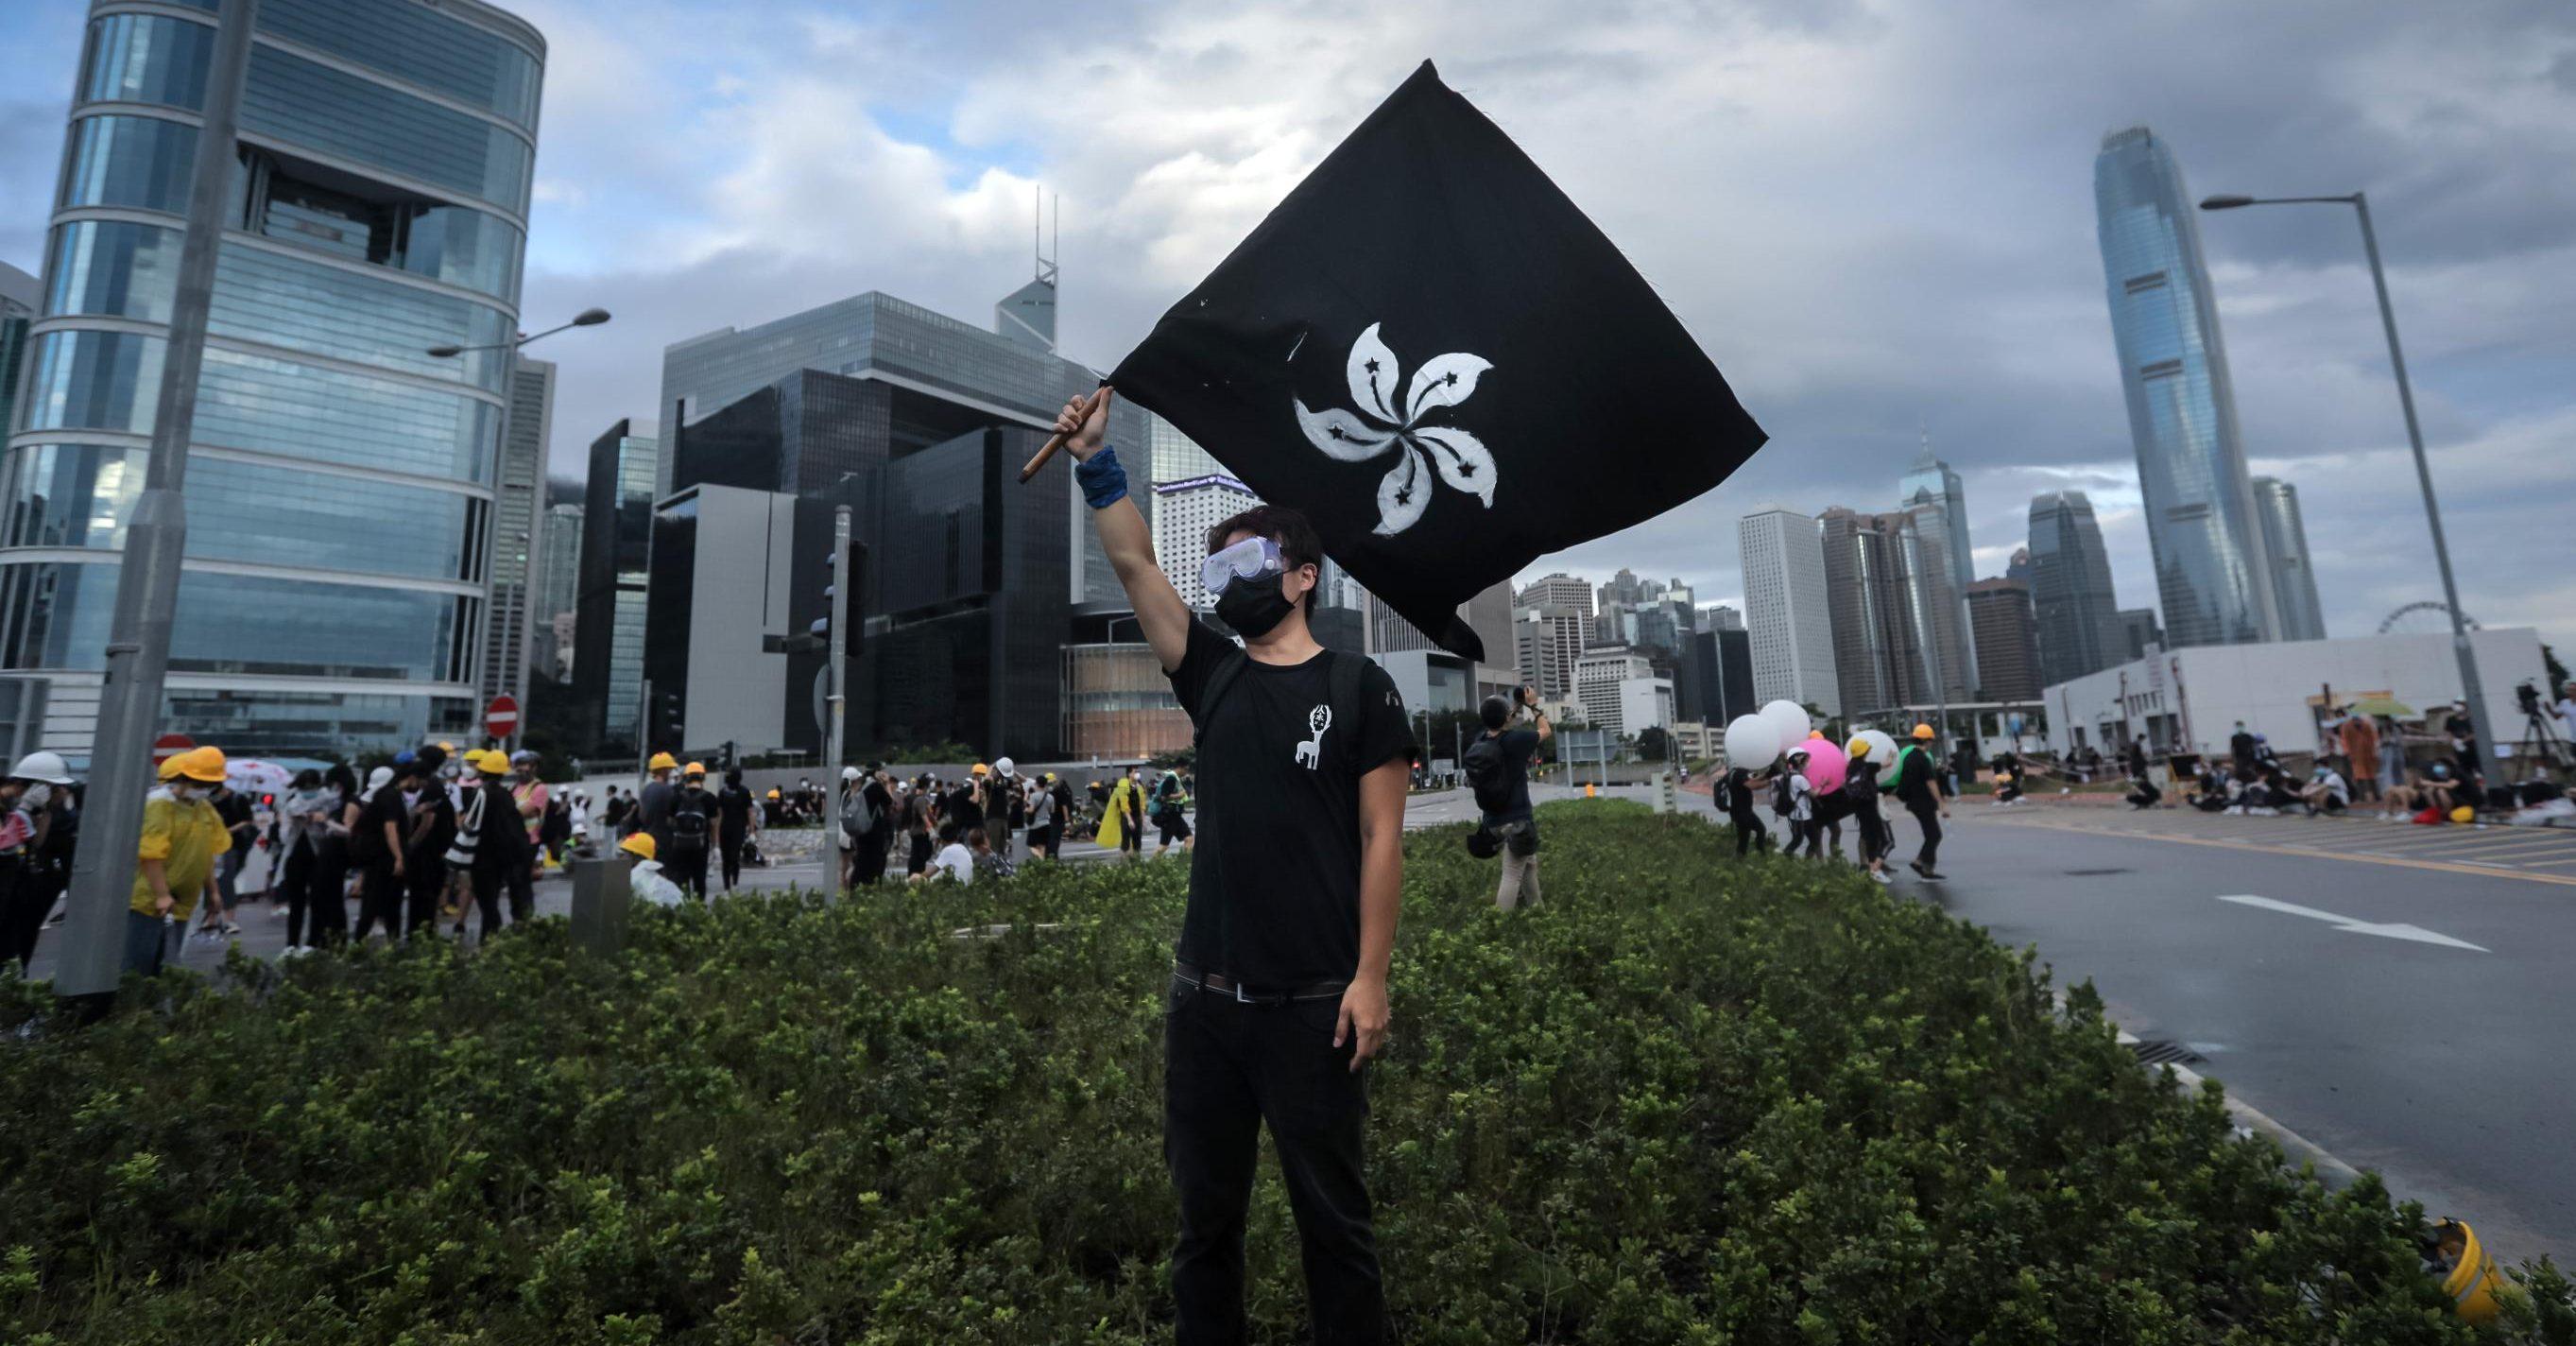 Un manifestant agitant le drapeau de Hong Kong sur fond noir. (Source : CNN)